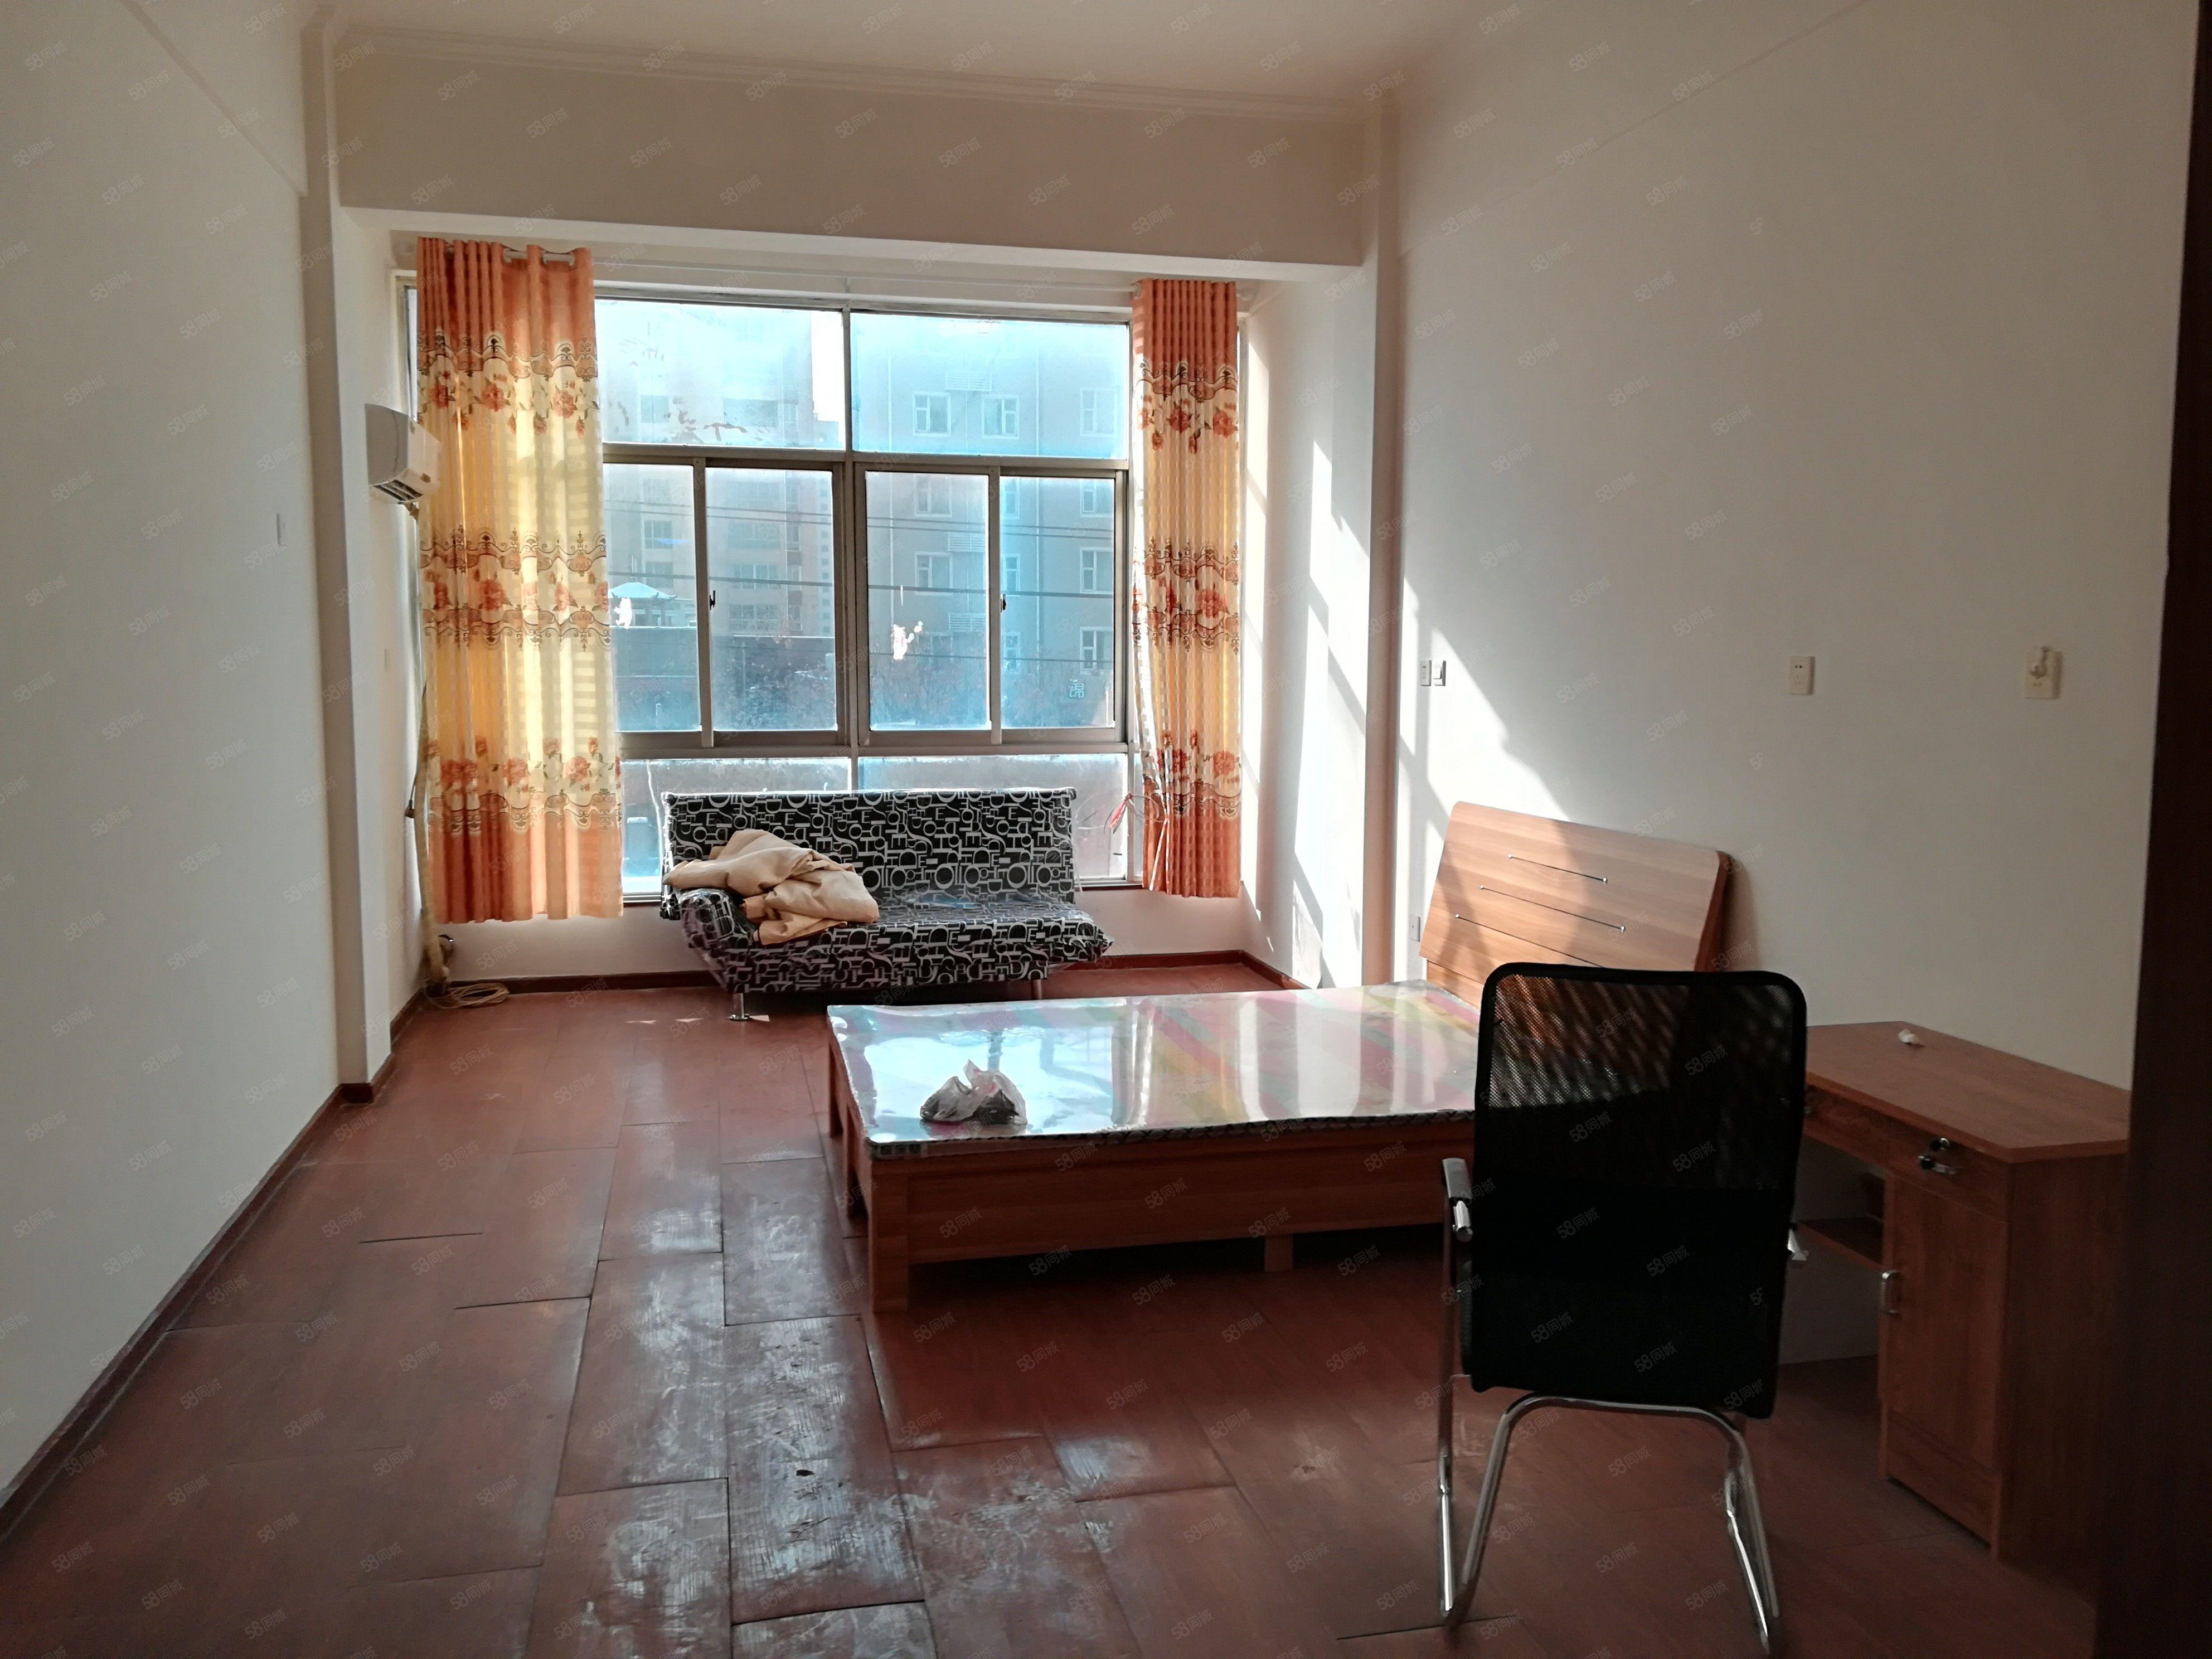 出售香橙公寓全南户型采光好交通便利,生活配套齐全